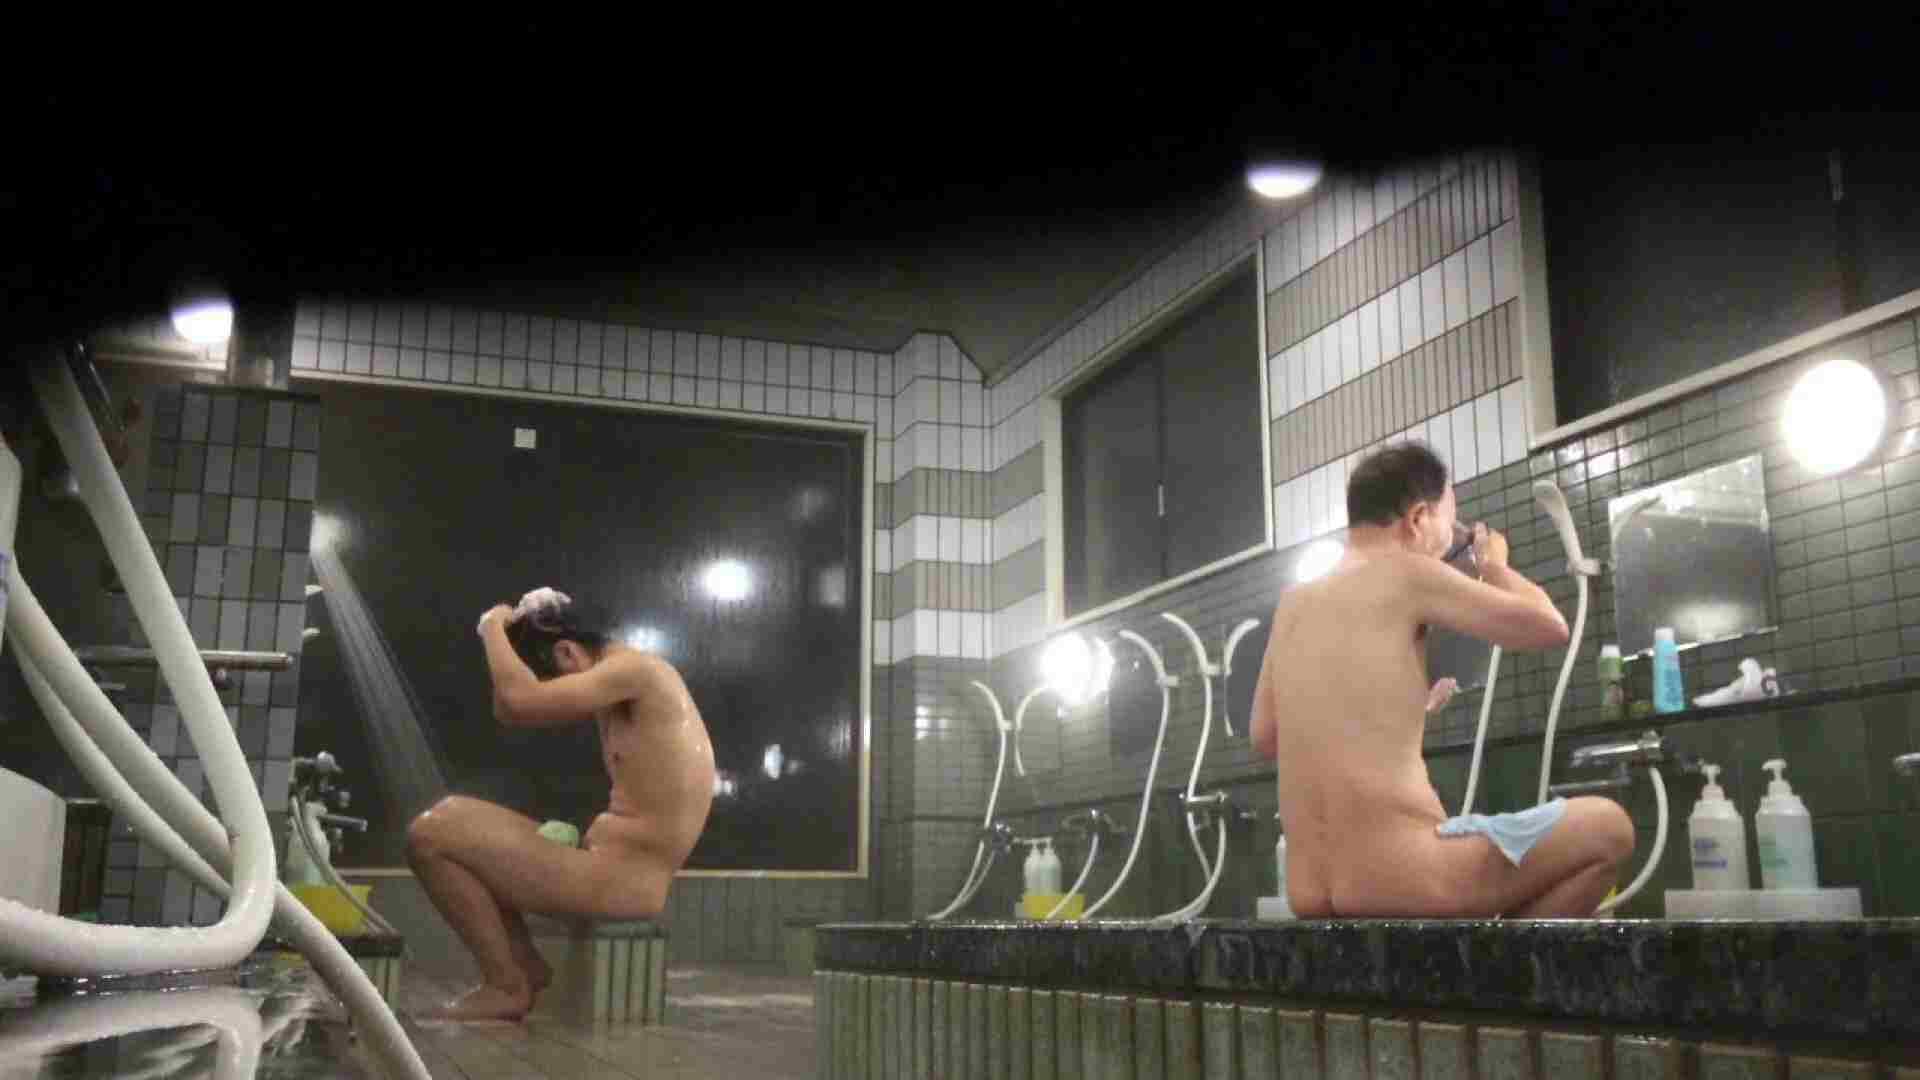 行くぜ!がっつり男風呂!Vol.07 男・男・男 ゲイAV画像 94枚 83